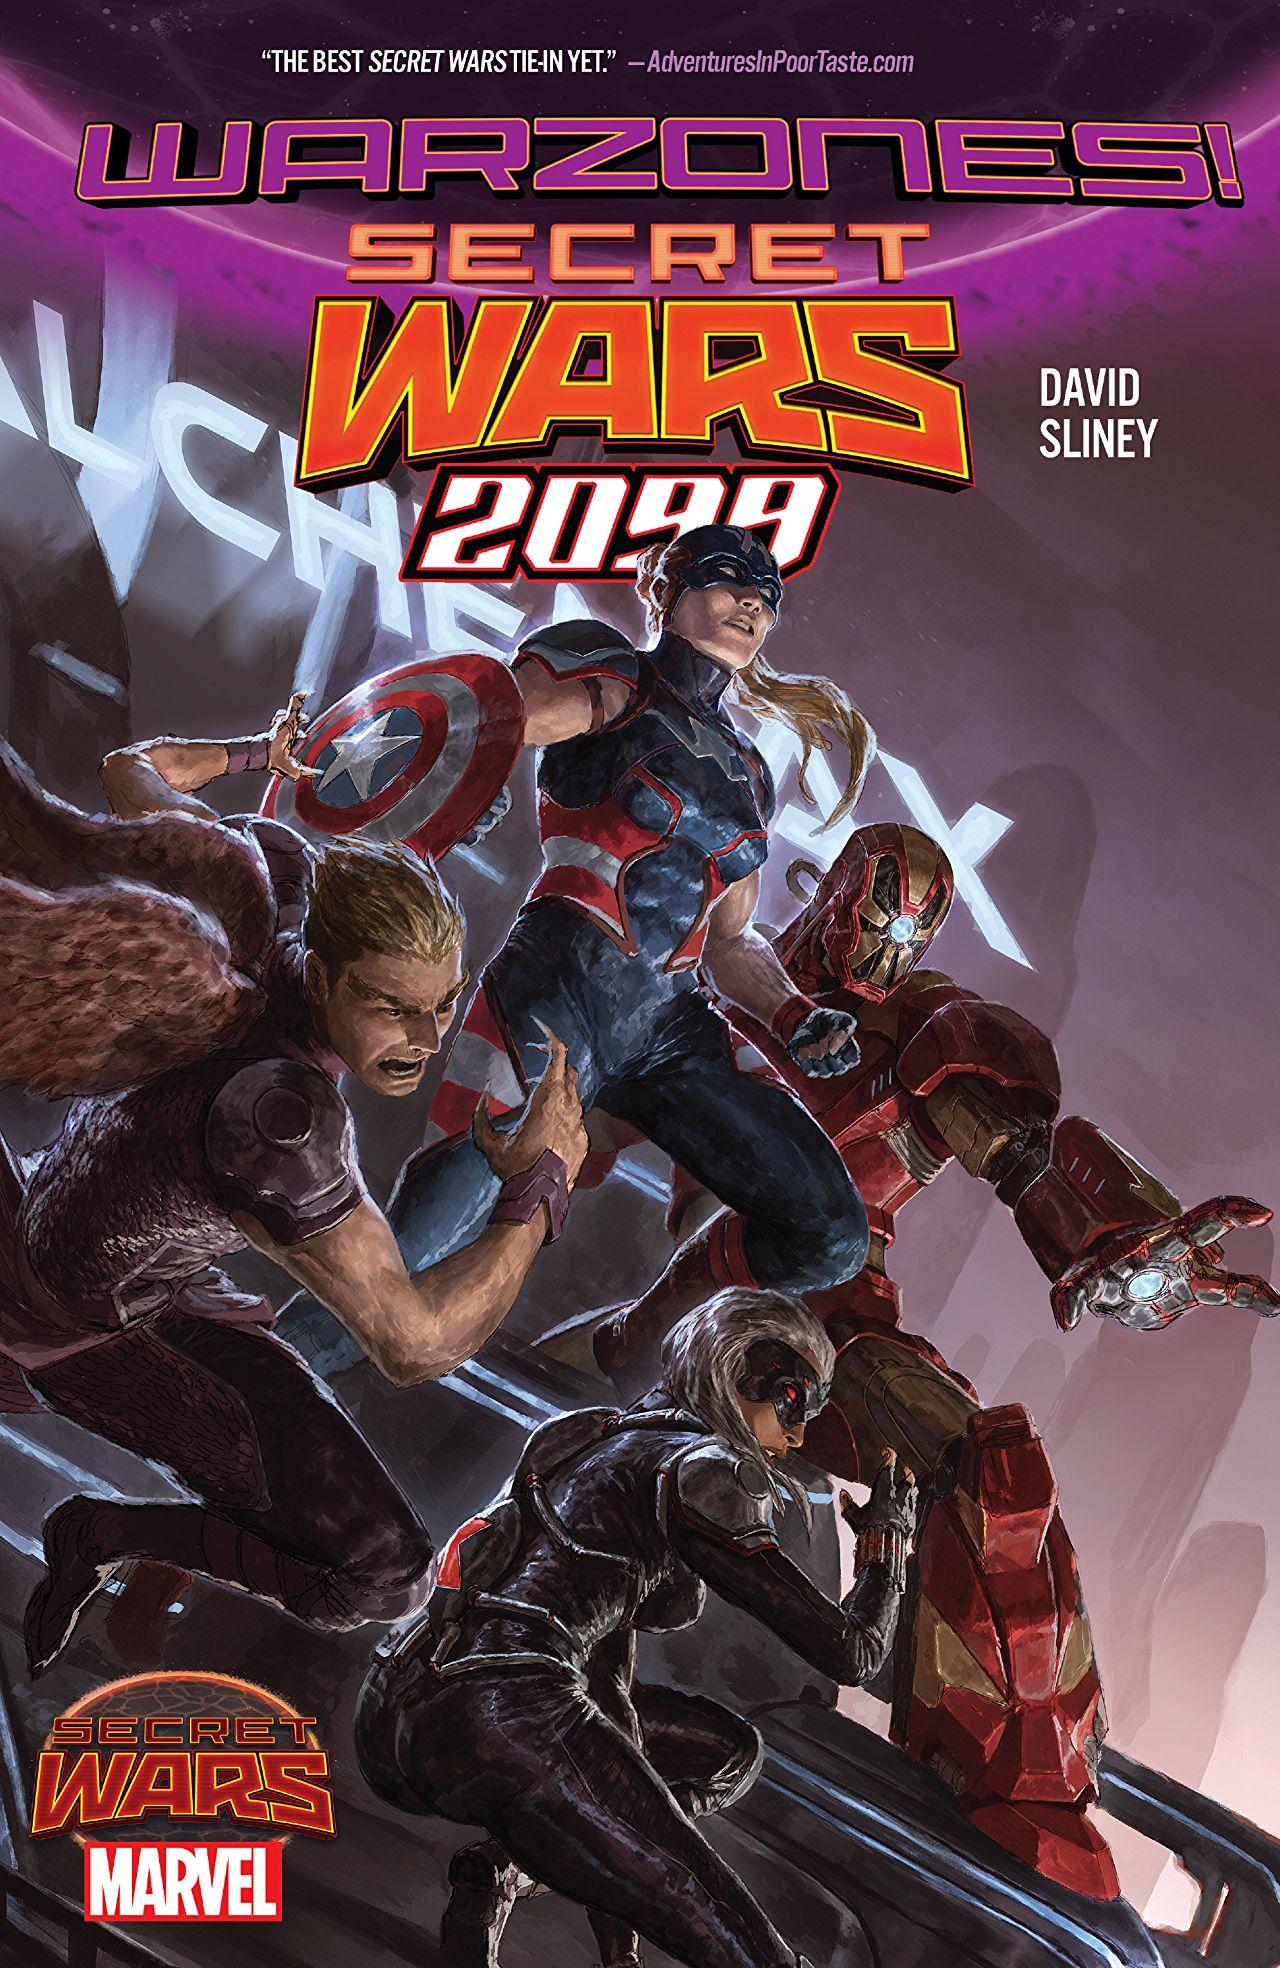 Secret Wars 2099